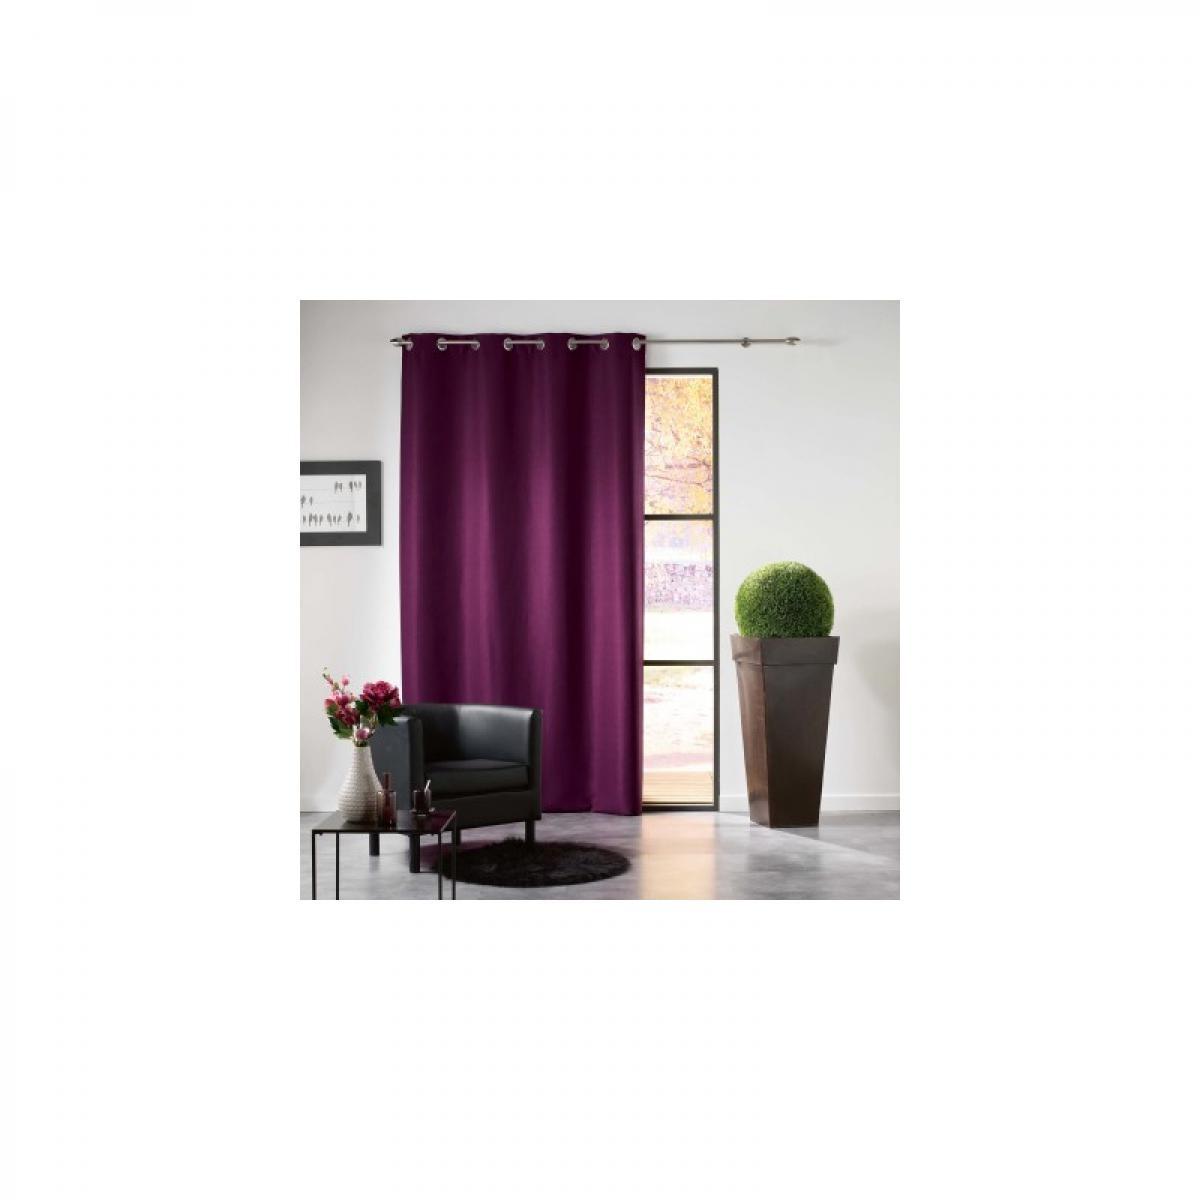 Douceur D'Interieur Rideau à oeillets 140 x 240 cm - Occultant uni - Mezzo - Violet